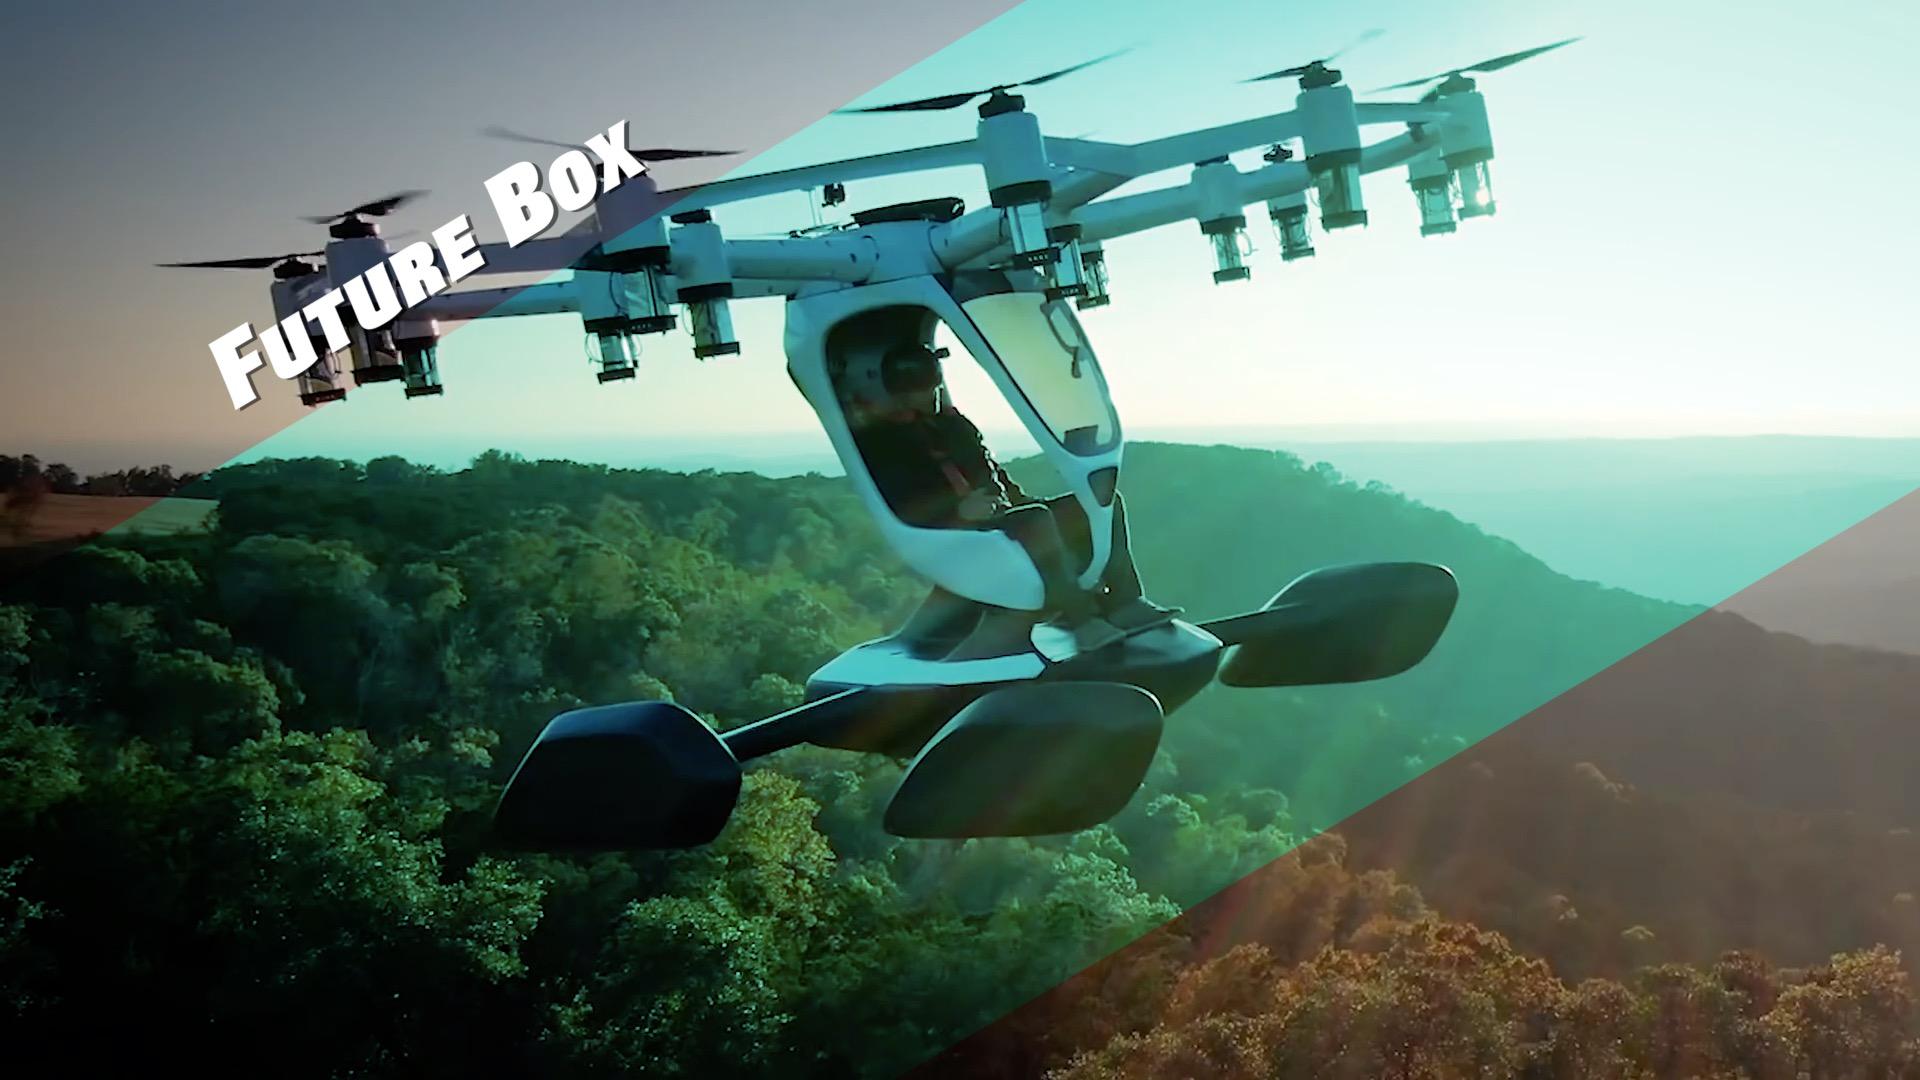 【腾博会娱乐平台视频 Future Box】坐无人机上天?就是这15分钟续航太短了